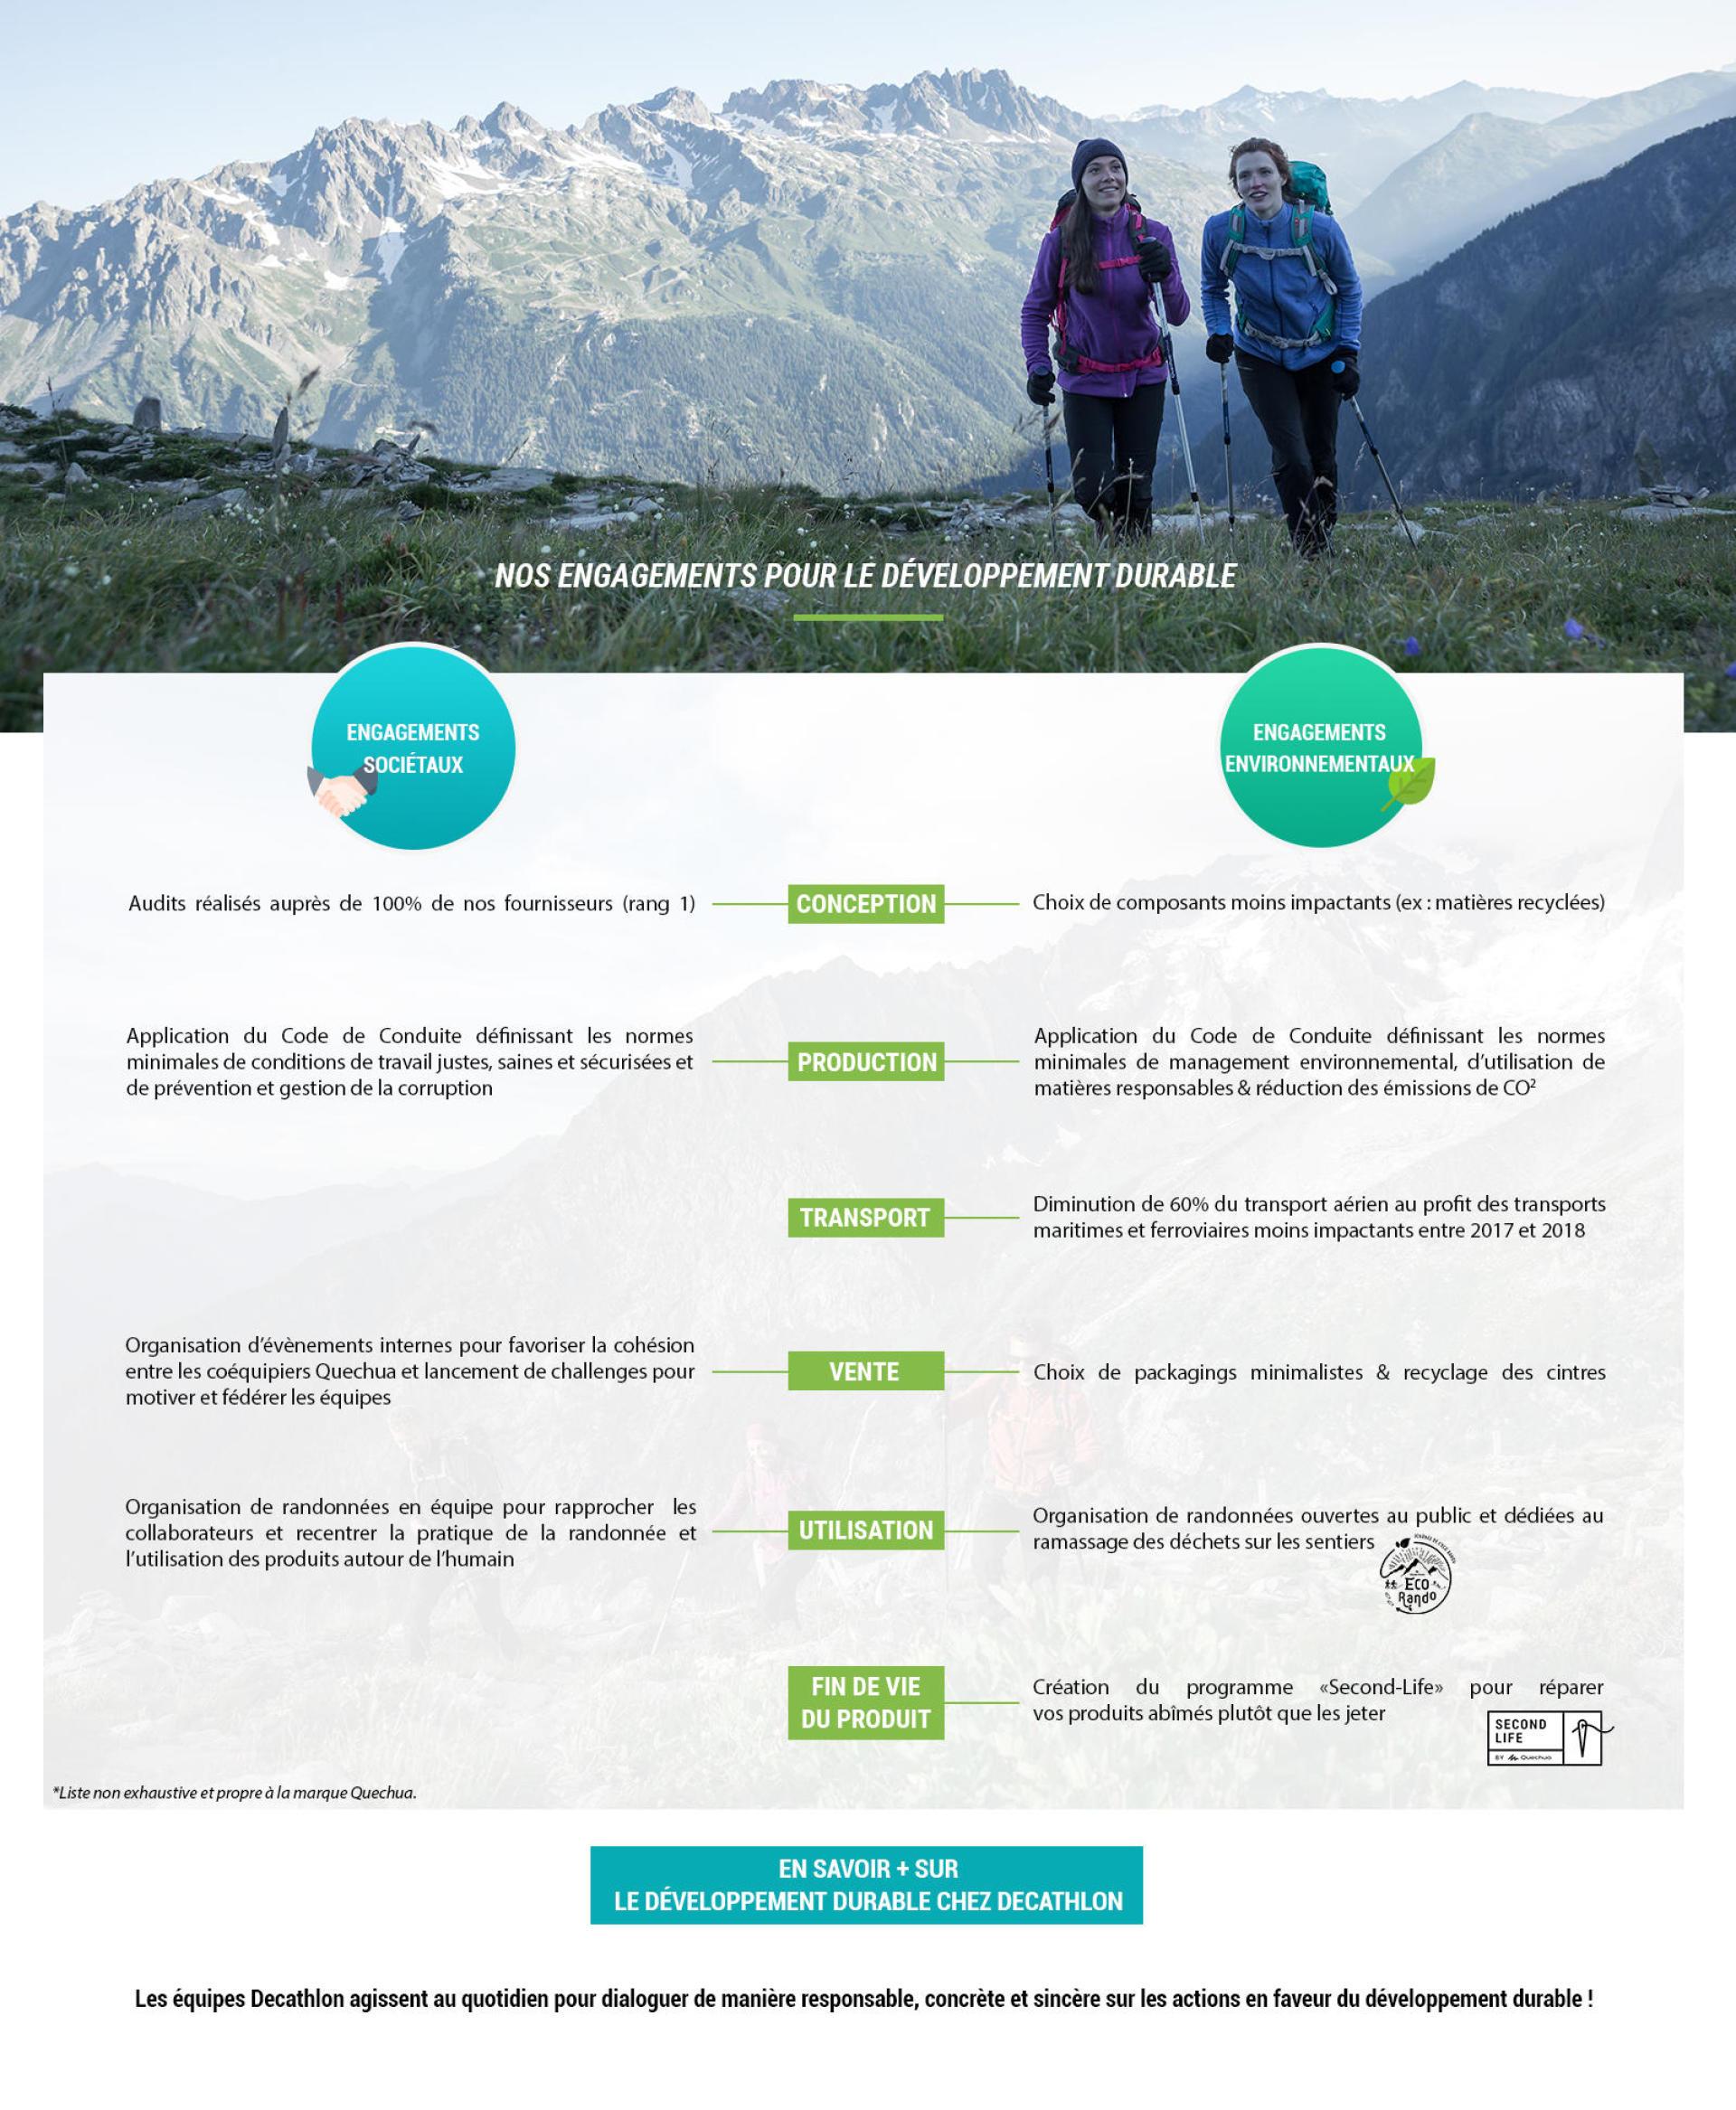 Engagements développement durable Quechua